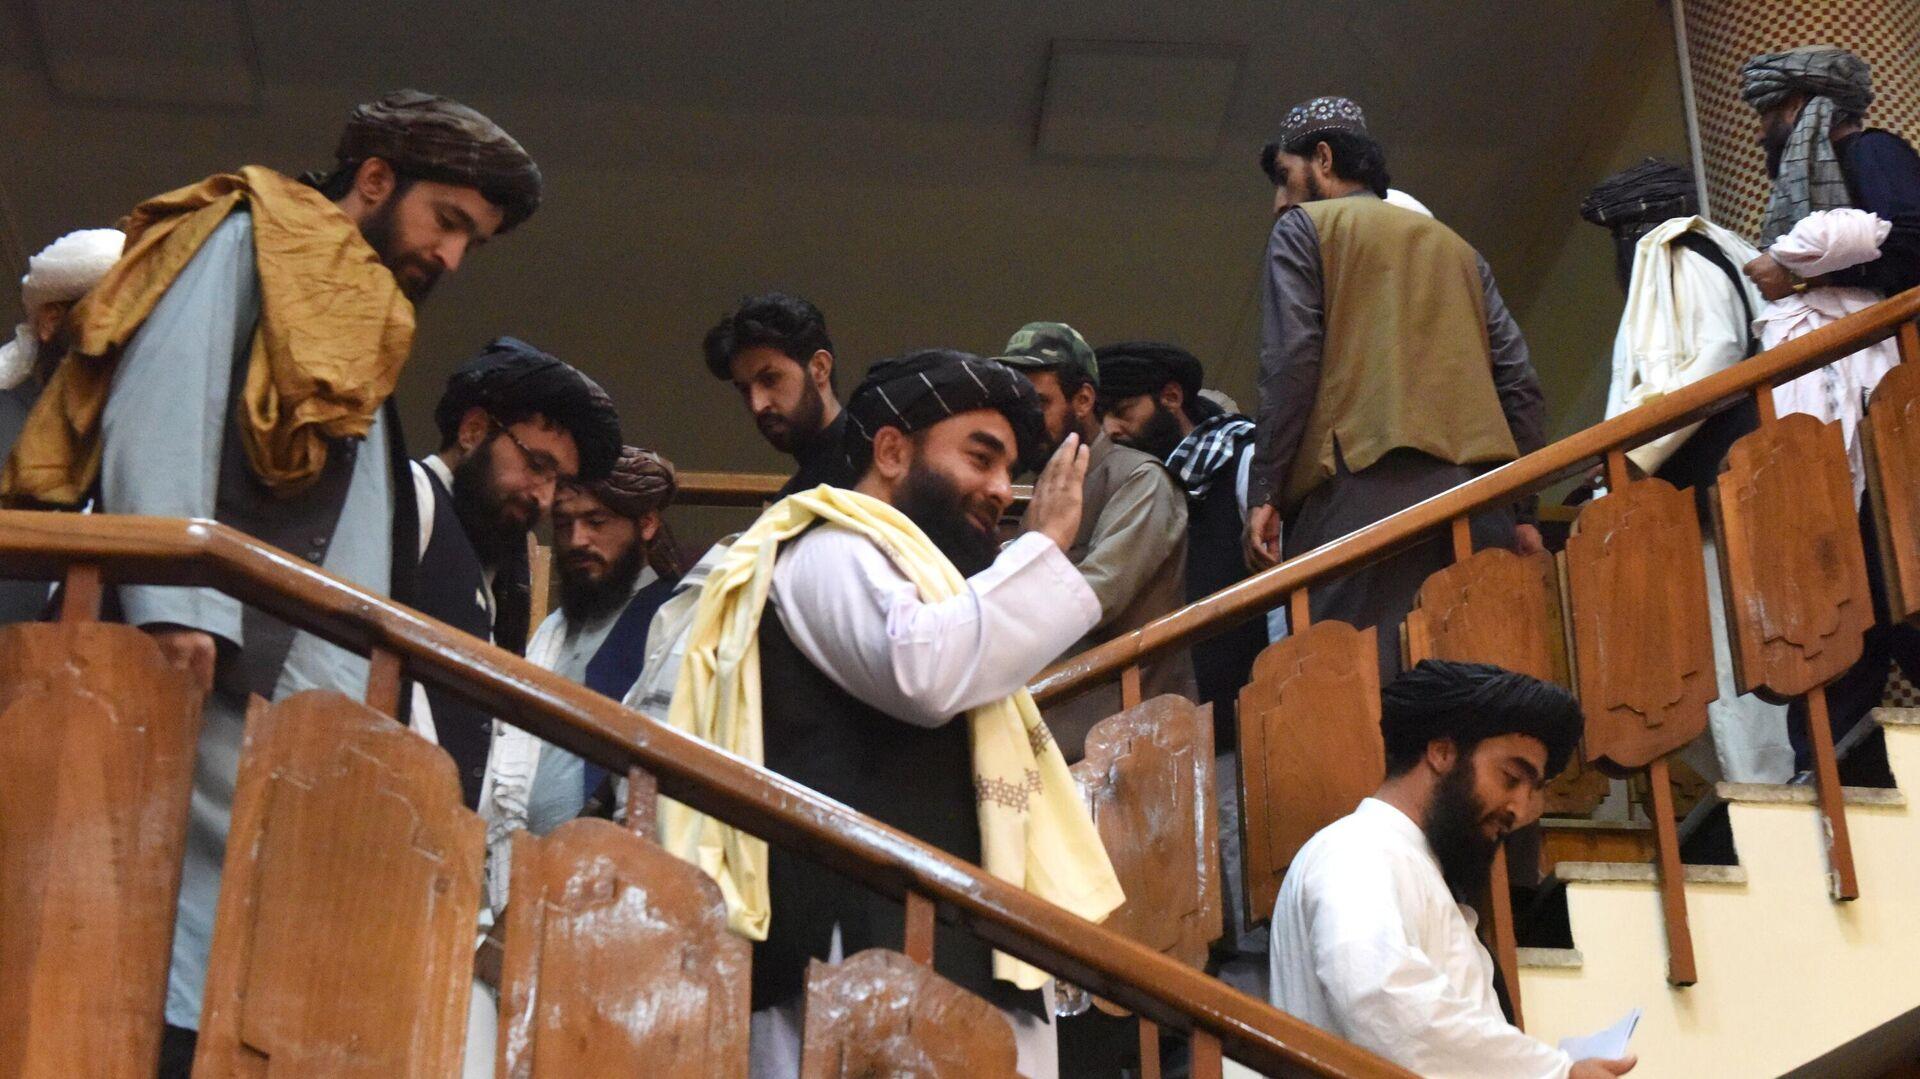 Delegación de los talibanes* (organización terrorista proscrita en Rusia) - Sputnik Mundo, 1920, 18.08.2021